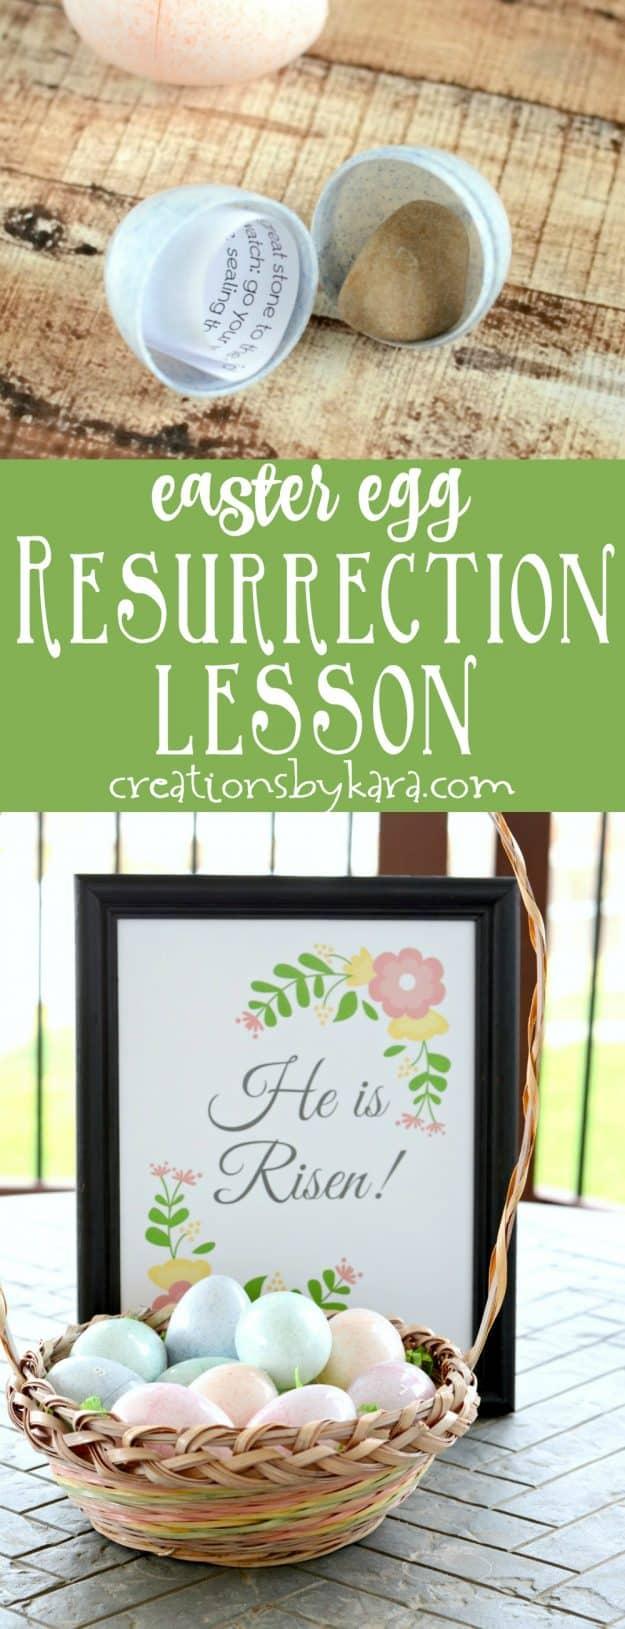 Easter Egg Resurrection Lesson and free printable Easter art - He is Risen! Christ centered Easter ideas